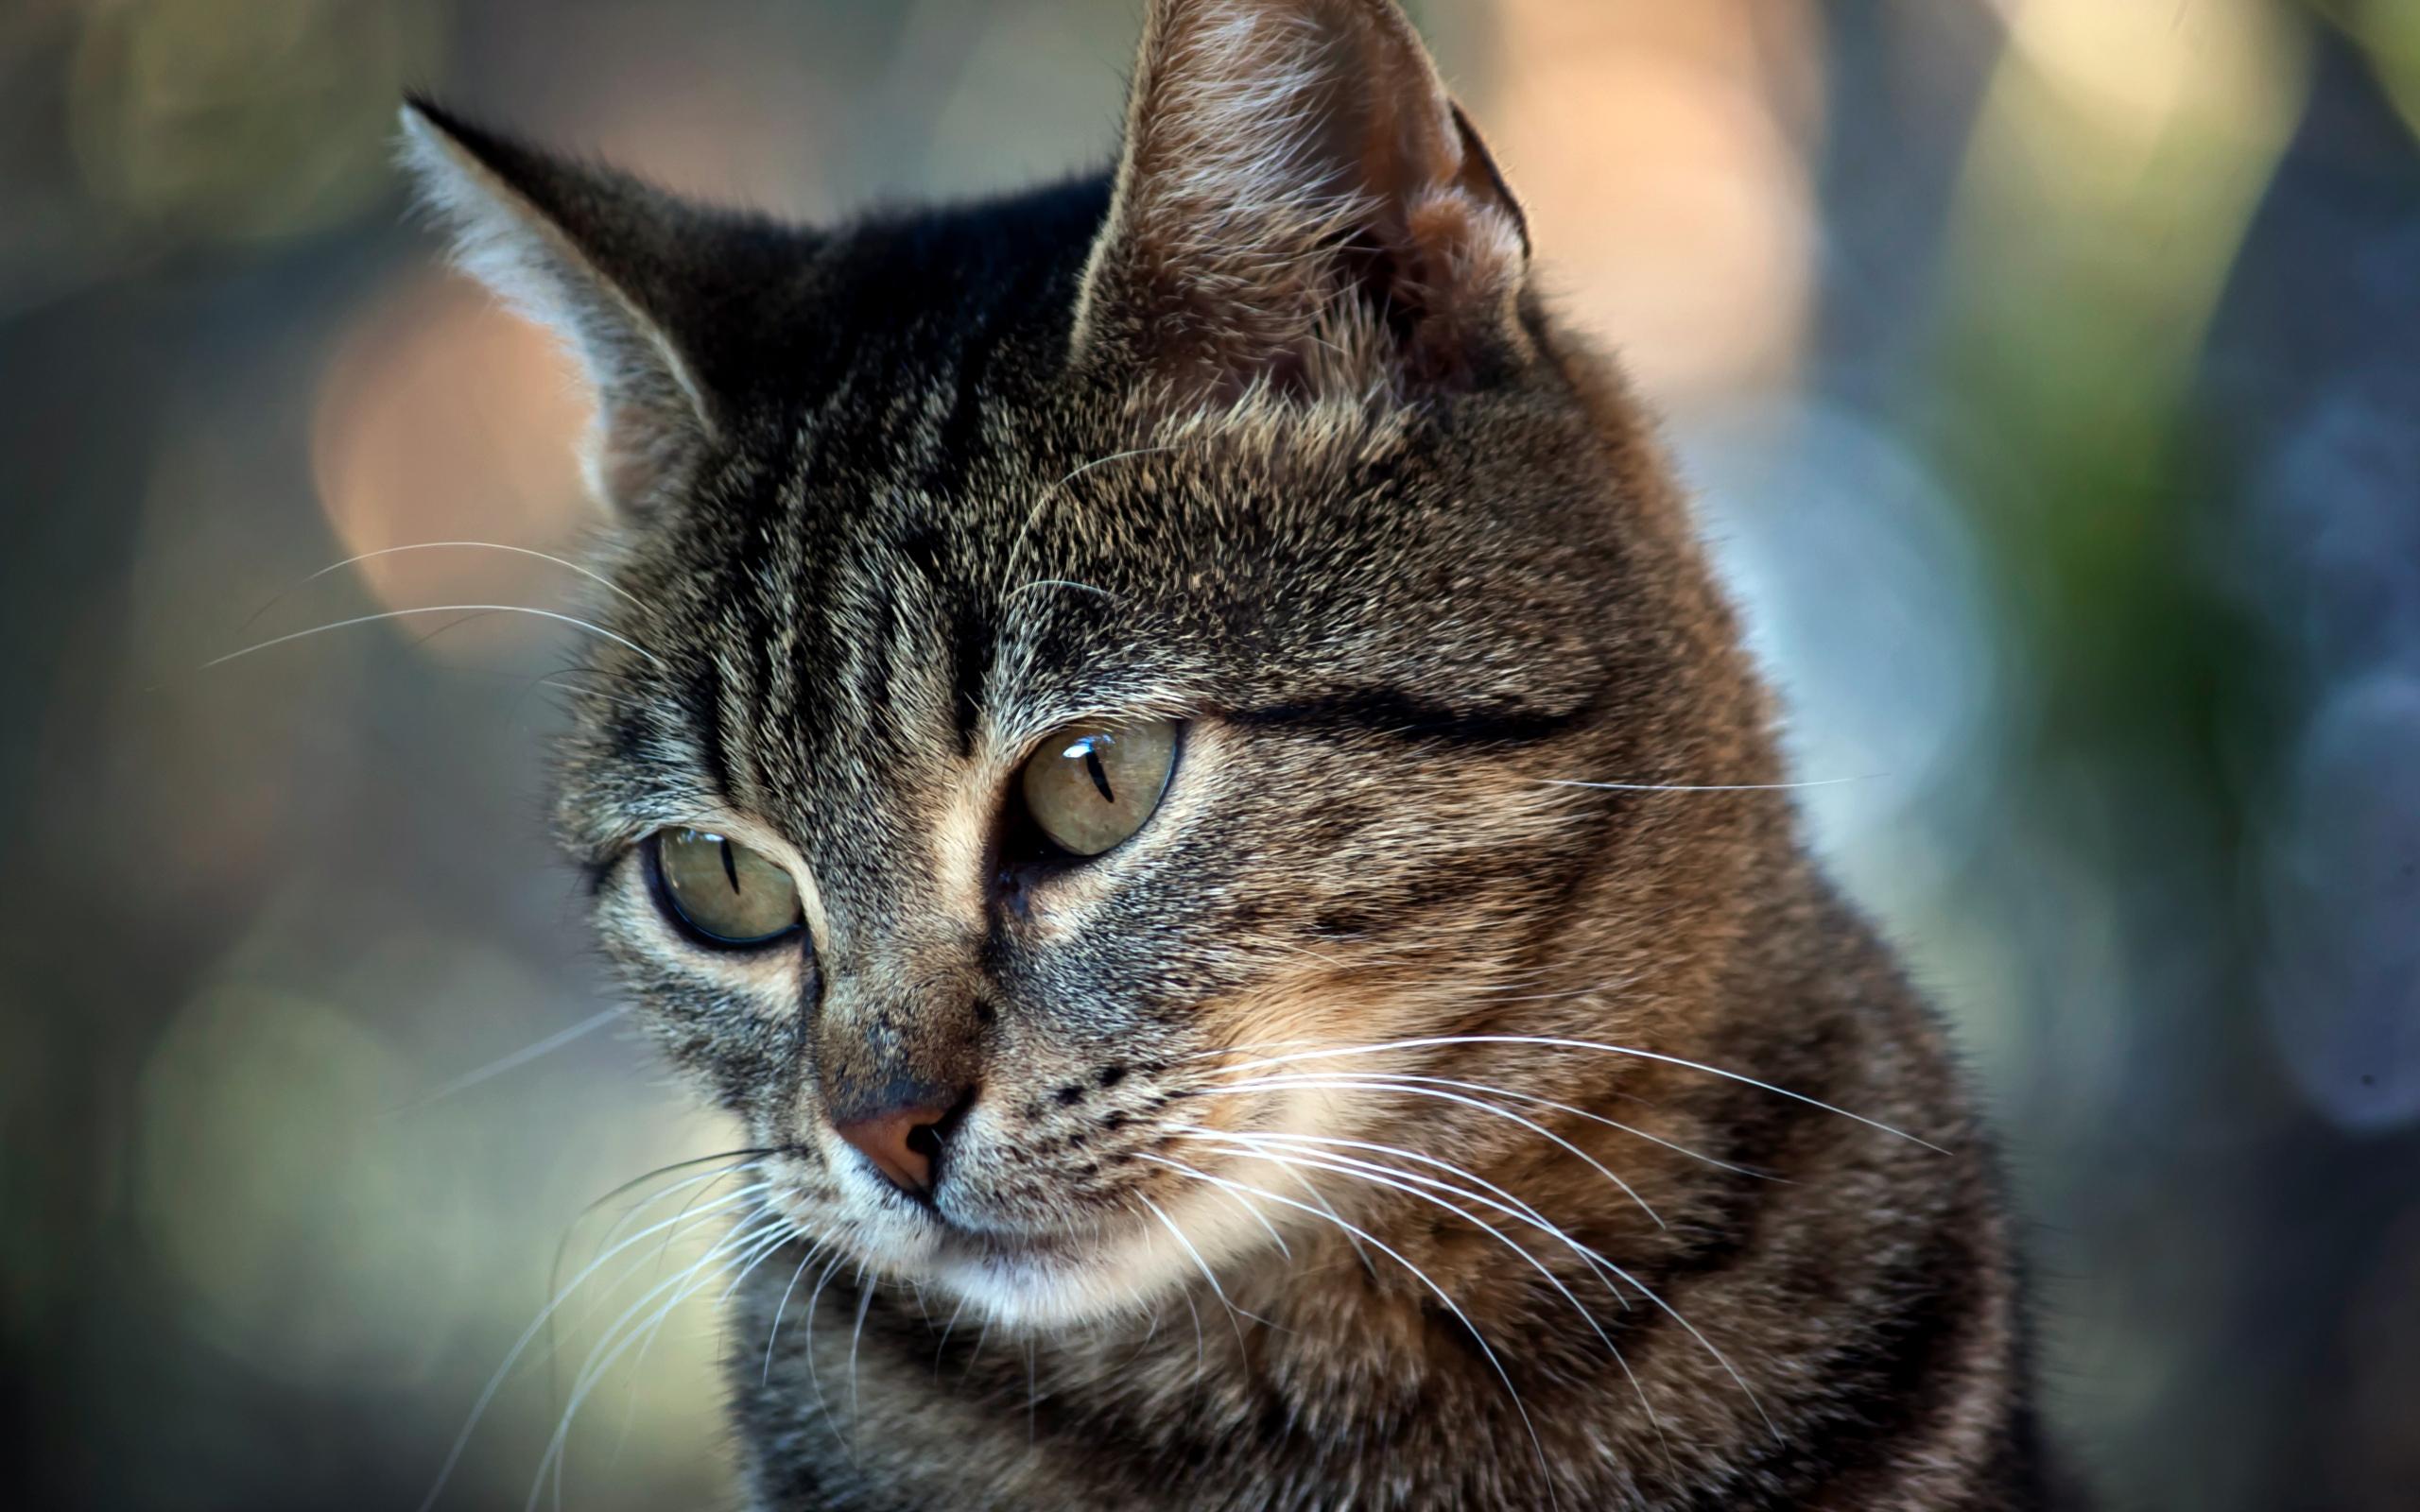 картинки прикольные кошки большое разрешение студенческие годы занимался